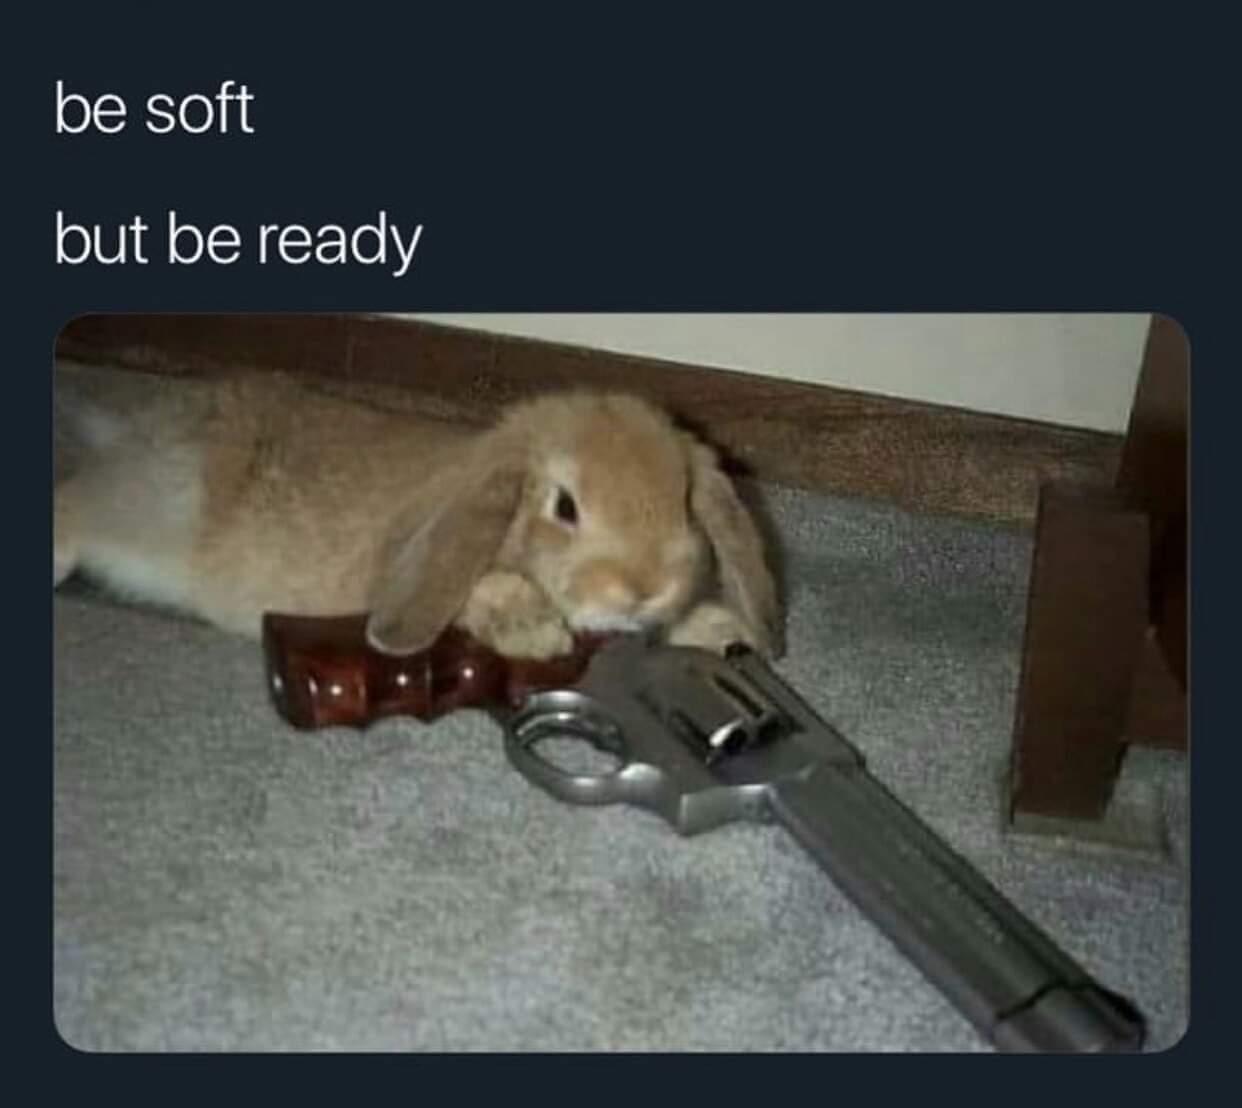 BUNNY GUN! - meme